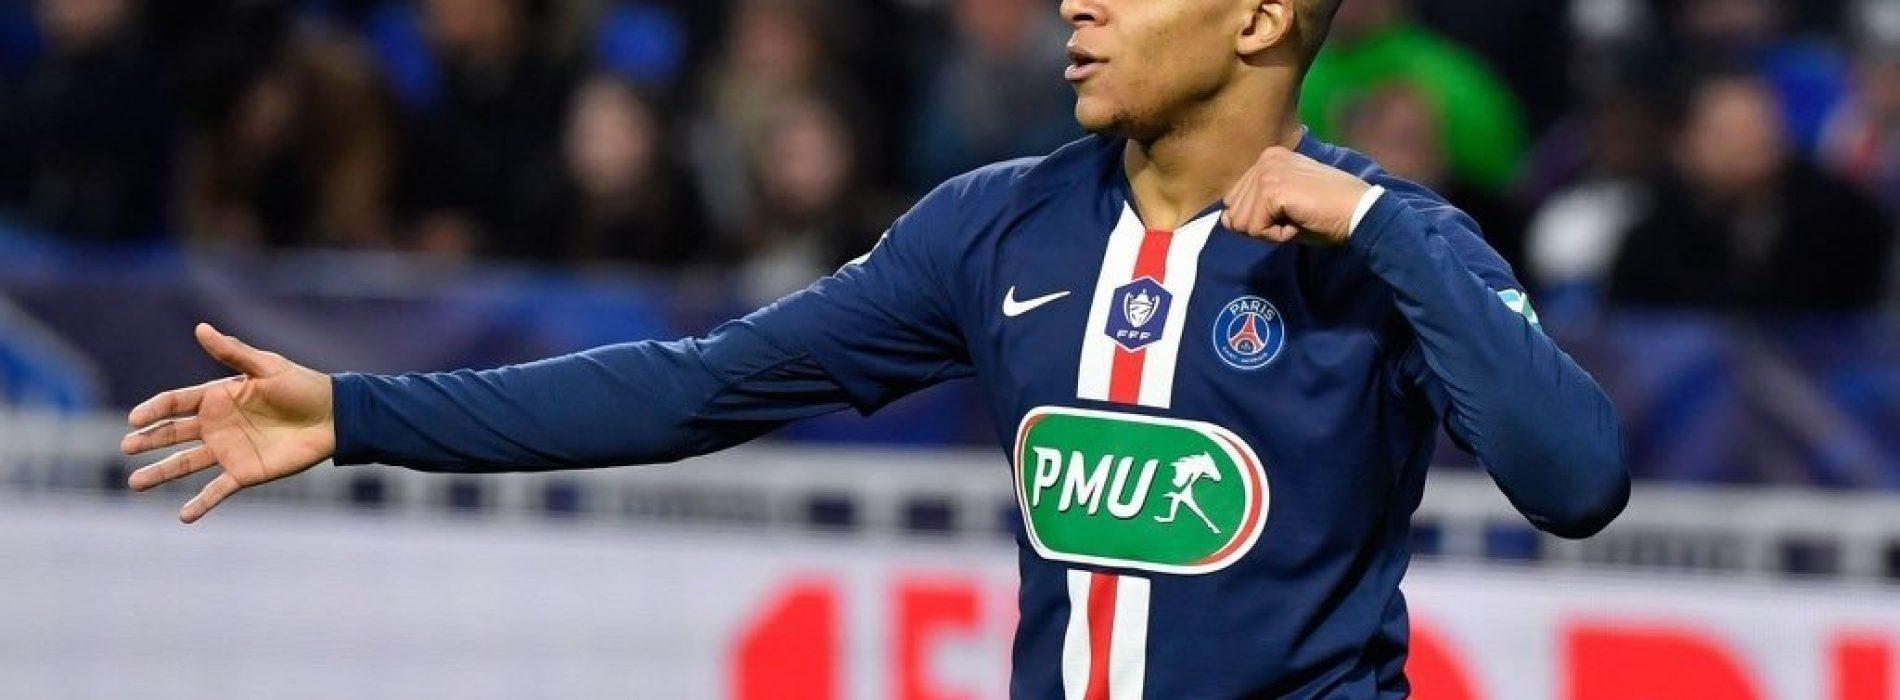 Psg Mbappé, il francese potrebbe non rinnovare. Real alla finestra